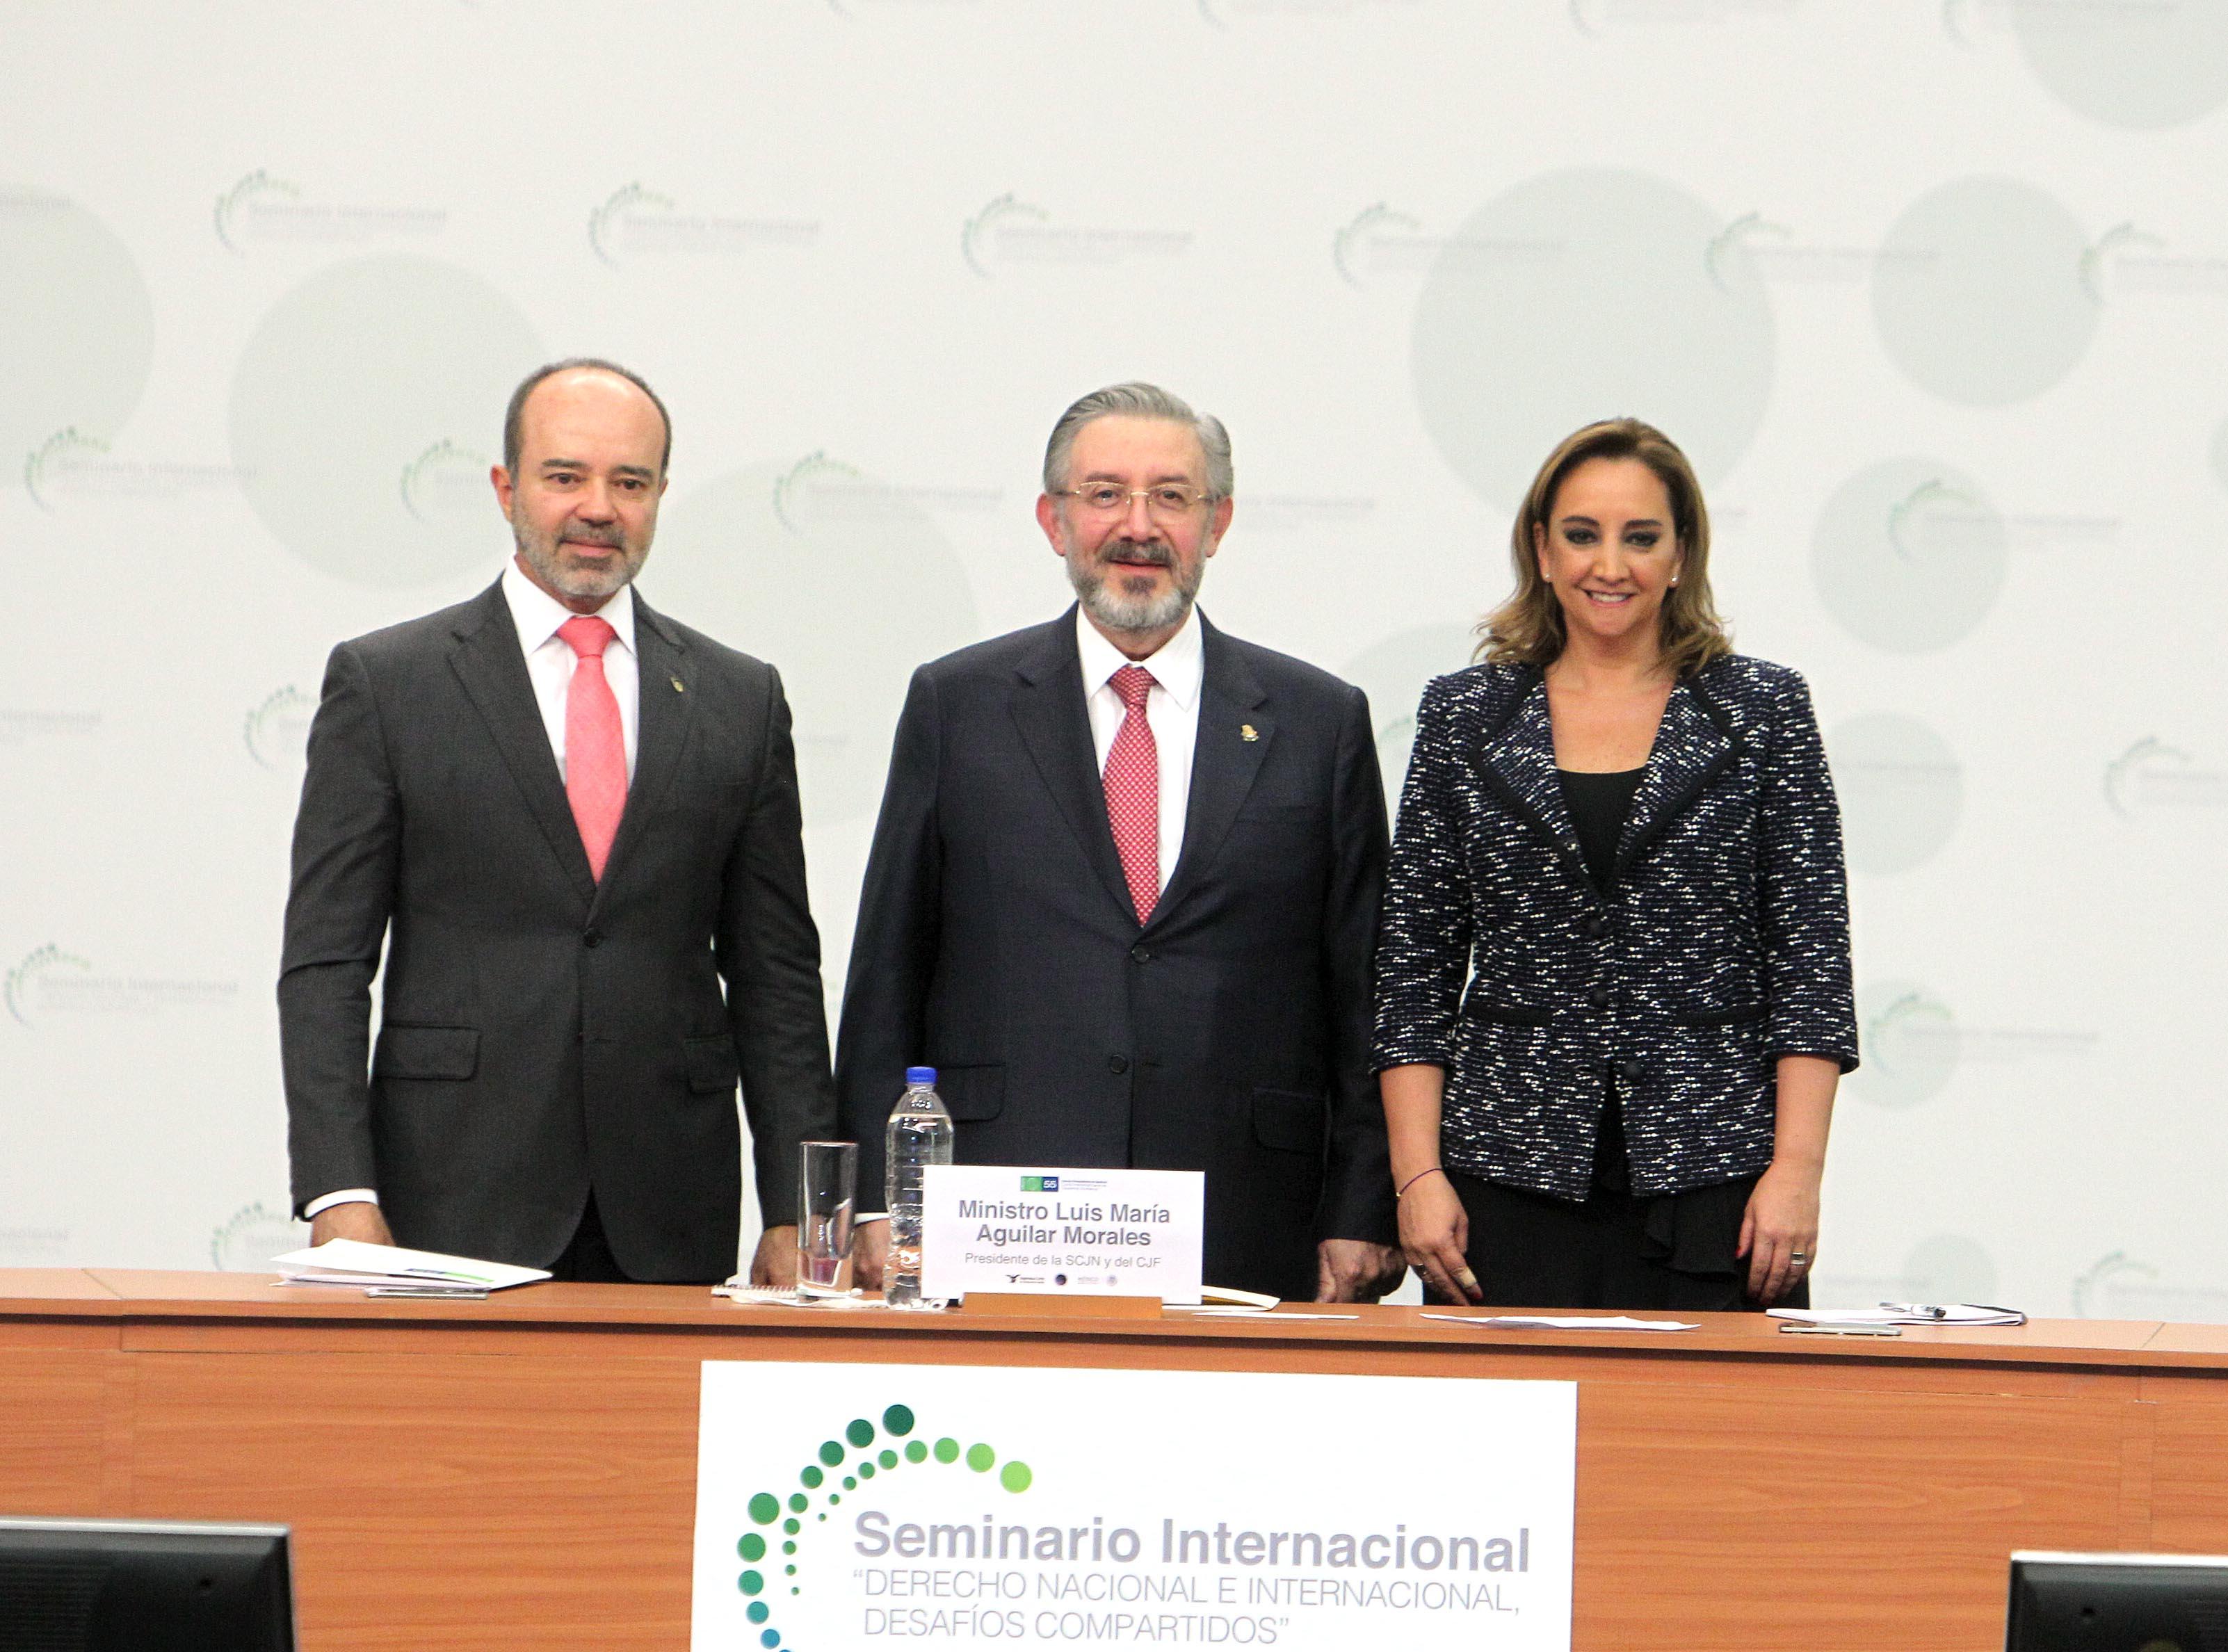 La Secretaria de Relaciones Exteriores  Claudia Ruiz Massieu, el Ministro Luis María Aguilar Morales, Presidente de la Suprema Corte de Justicia de la Nación, y el Juez Roberto Caldas, Presidente de la Corte Interamericana de Derechos Humanos